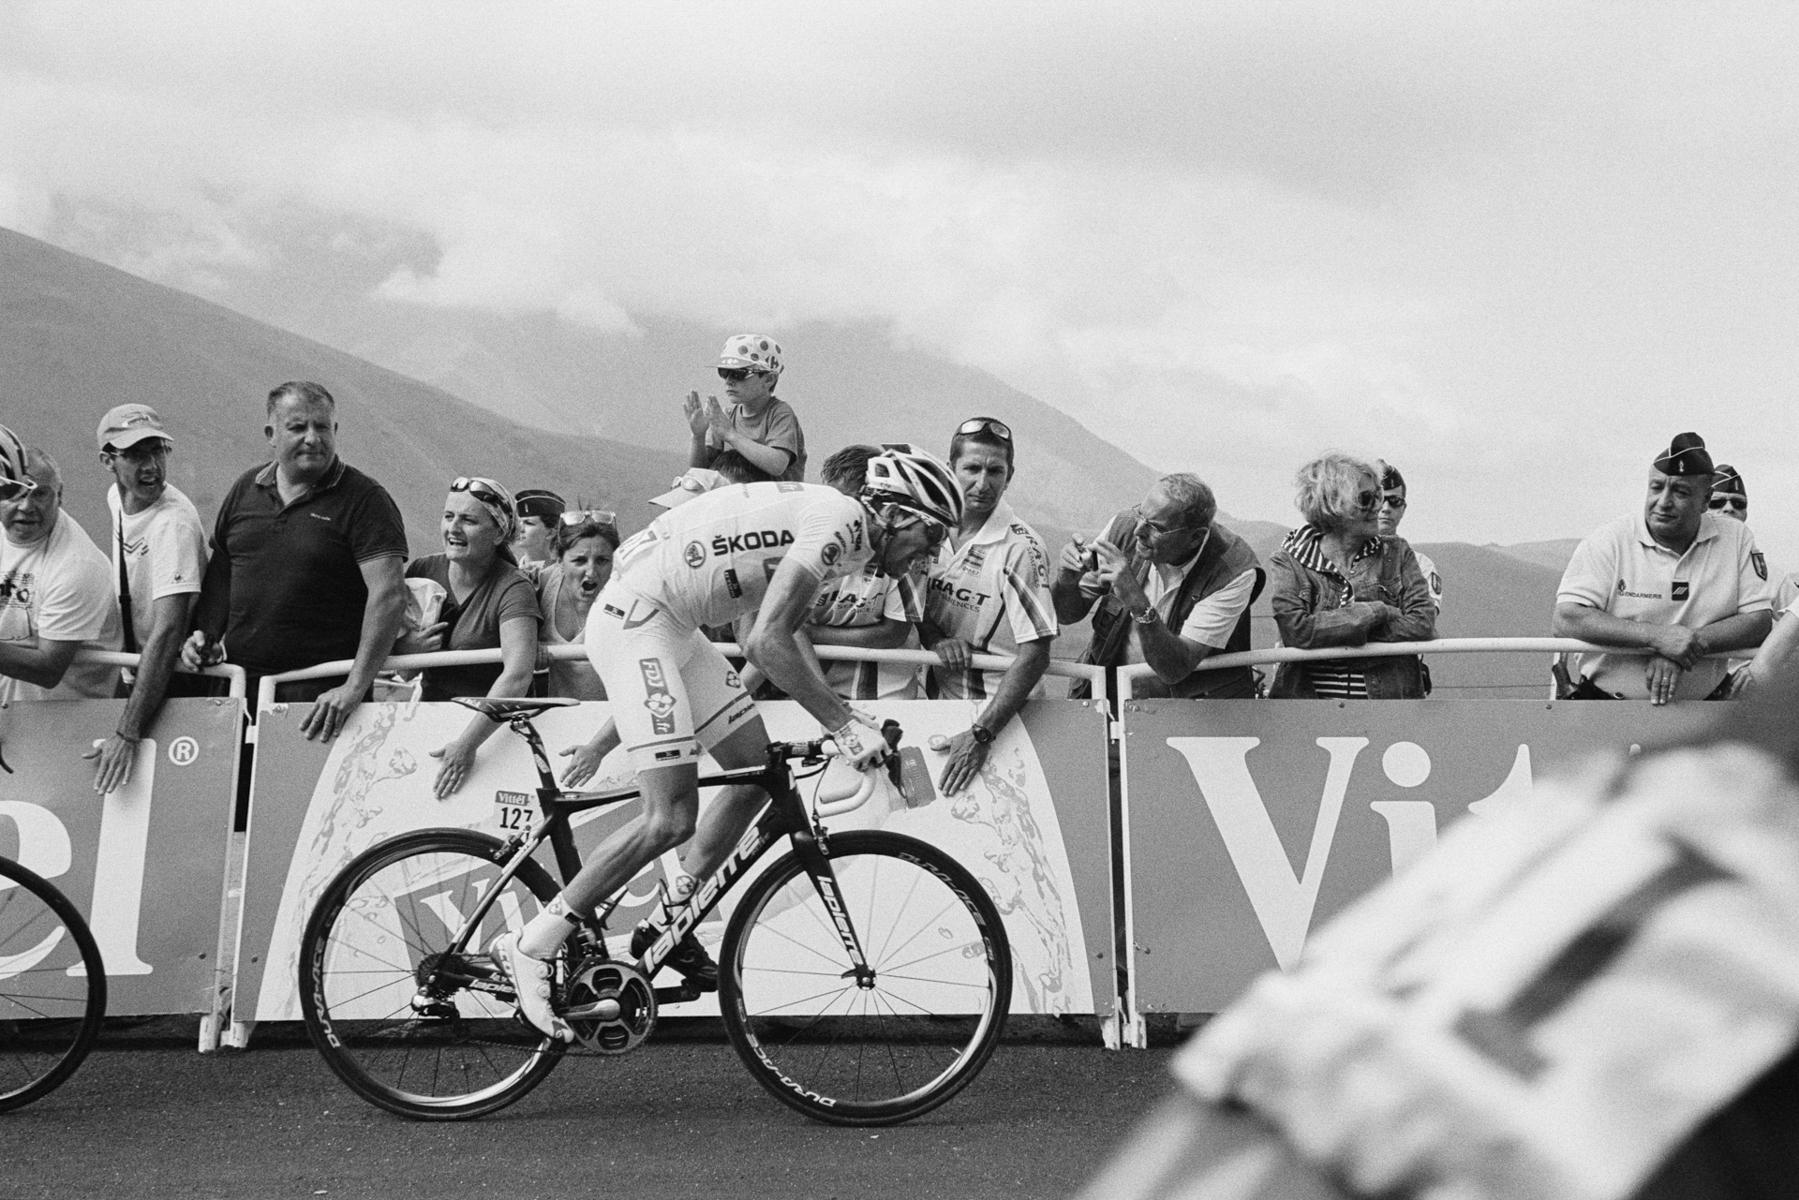 Le Tour de France 2014 The white jersey this year went to Thibaut Pinot, best young rider under 25. Le maillot blanc de cette année est allé à Thibaut Pinot, meilleur jeune de moins de 25 ans. Das Weiße Trikot ging in diesem Jahr an Thibaut Pinot, bester Jungprofi bis zu 25 Jahren. El maillot blanco de este año fue a parar a Thibaut Pinot, mejor ciclista de la categoría de menos de 25 años.